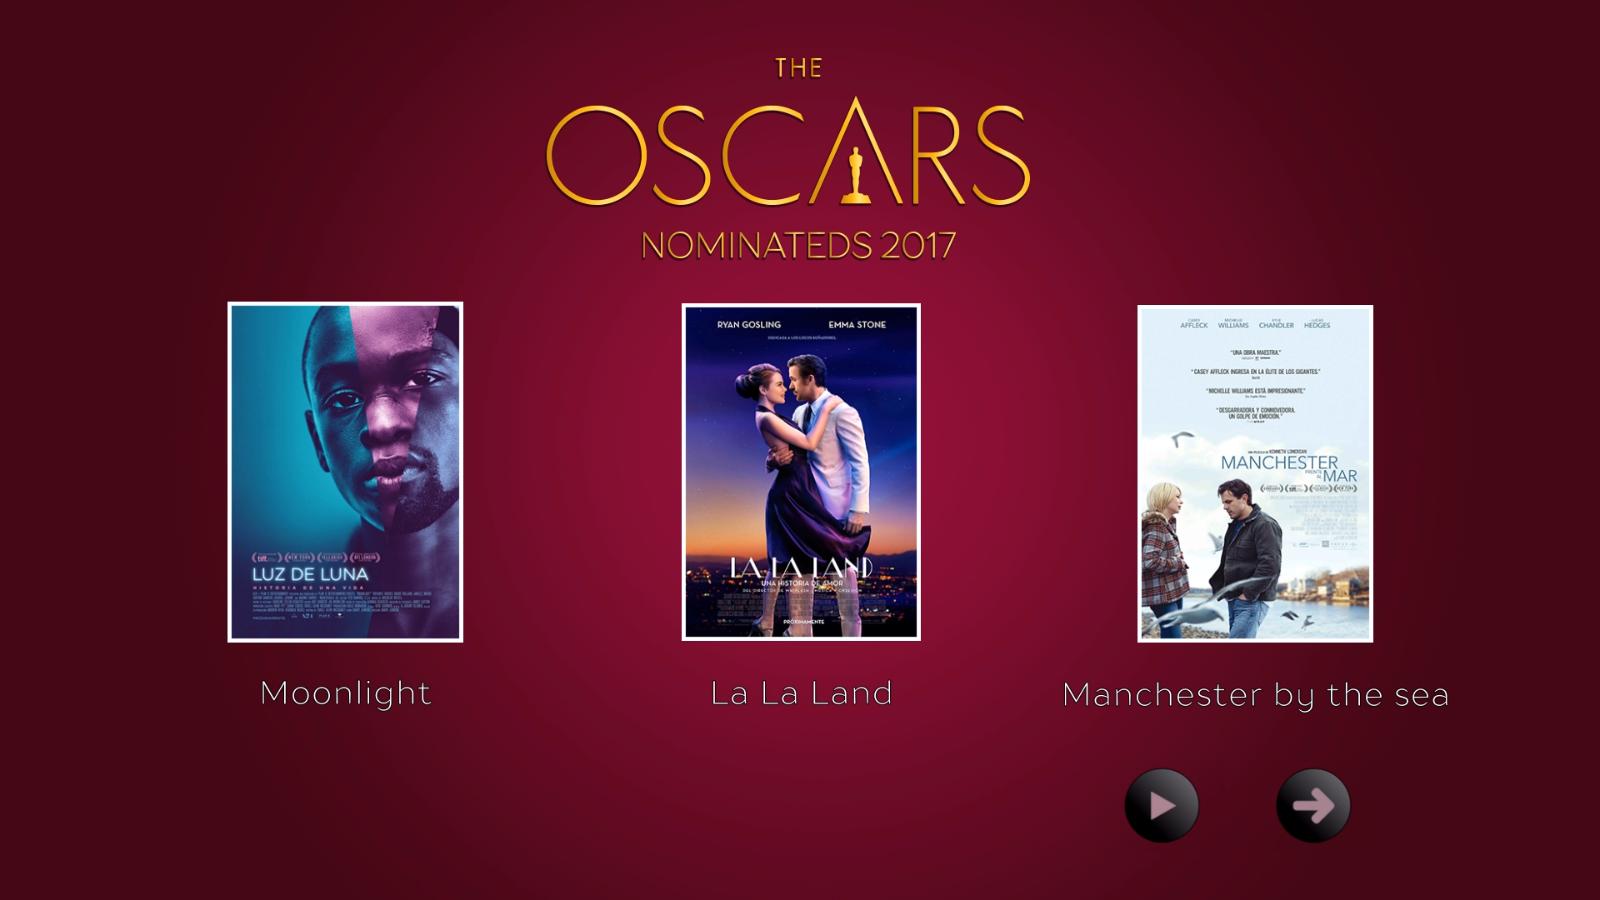 Menú Principal Disco 01 Colección The Oscars Nominateds 2017 (1 de 2)